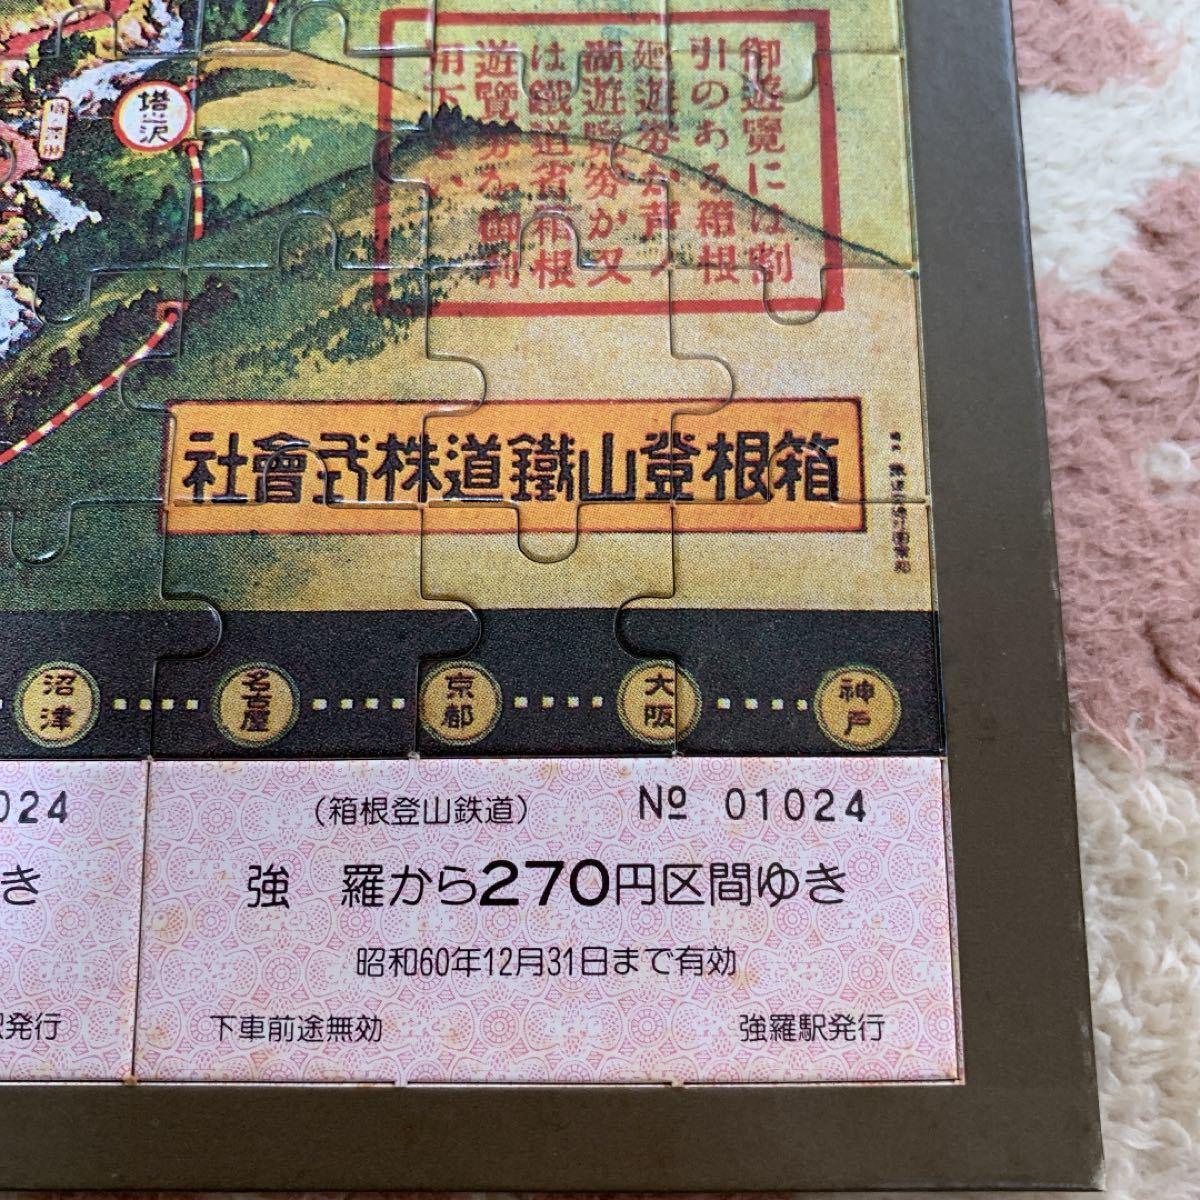 箱根登山鉄道 50周年記念乗車券記念乗車券